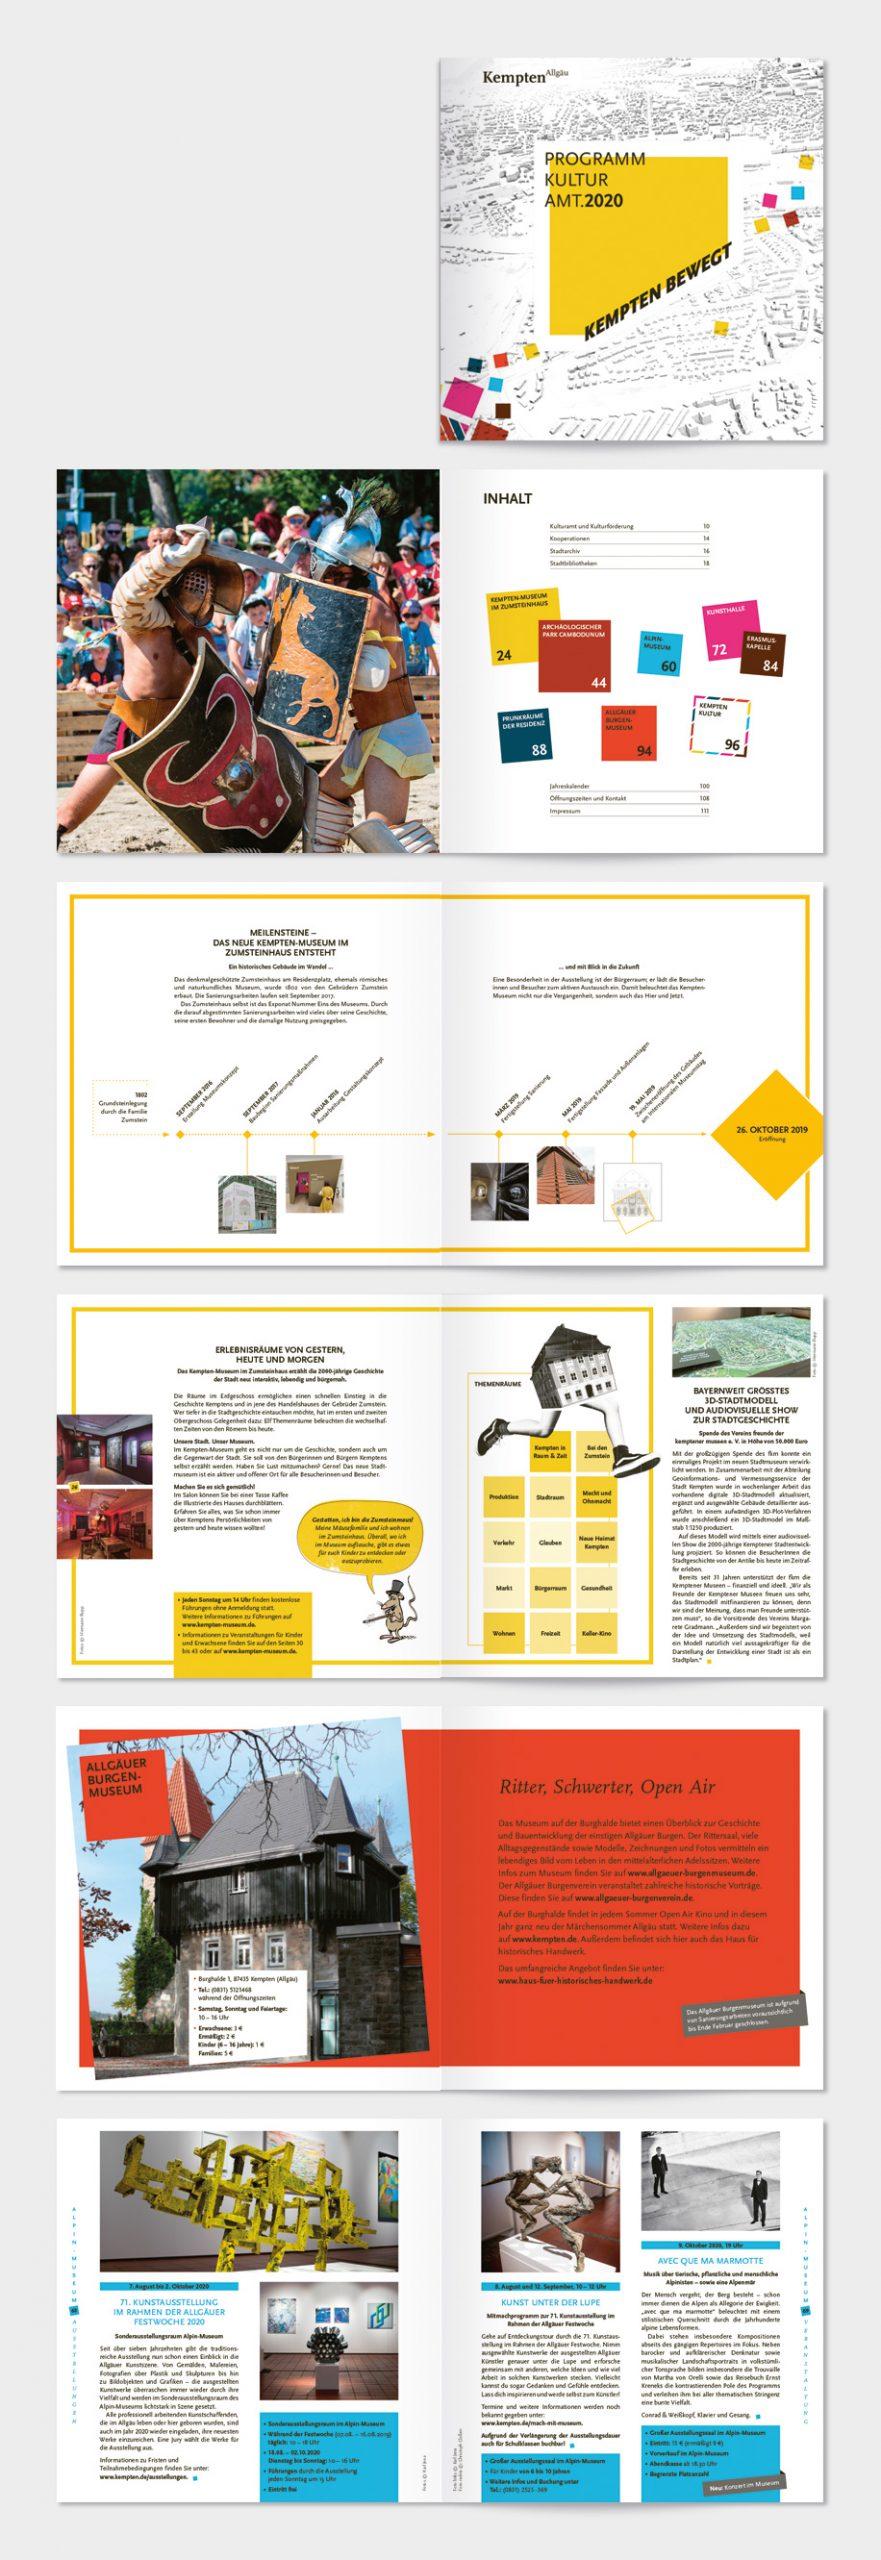 Titel und Innenseiten des Programmbuches vom Kulturamt Kempten/Allgäu.